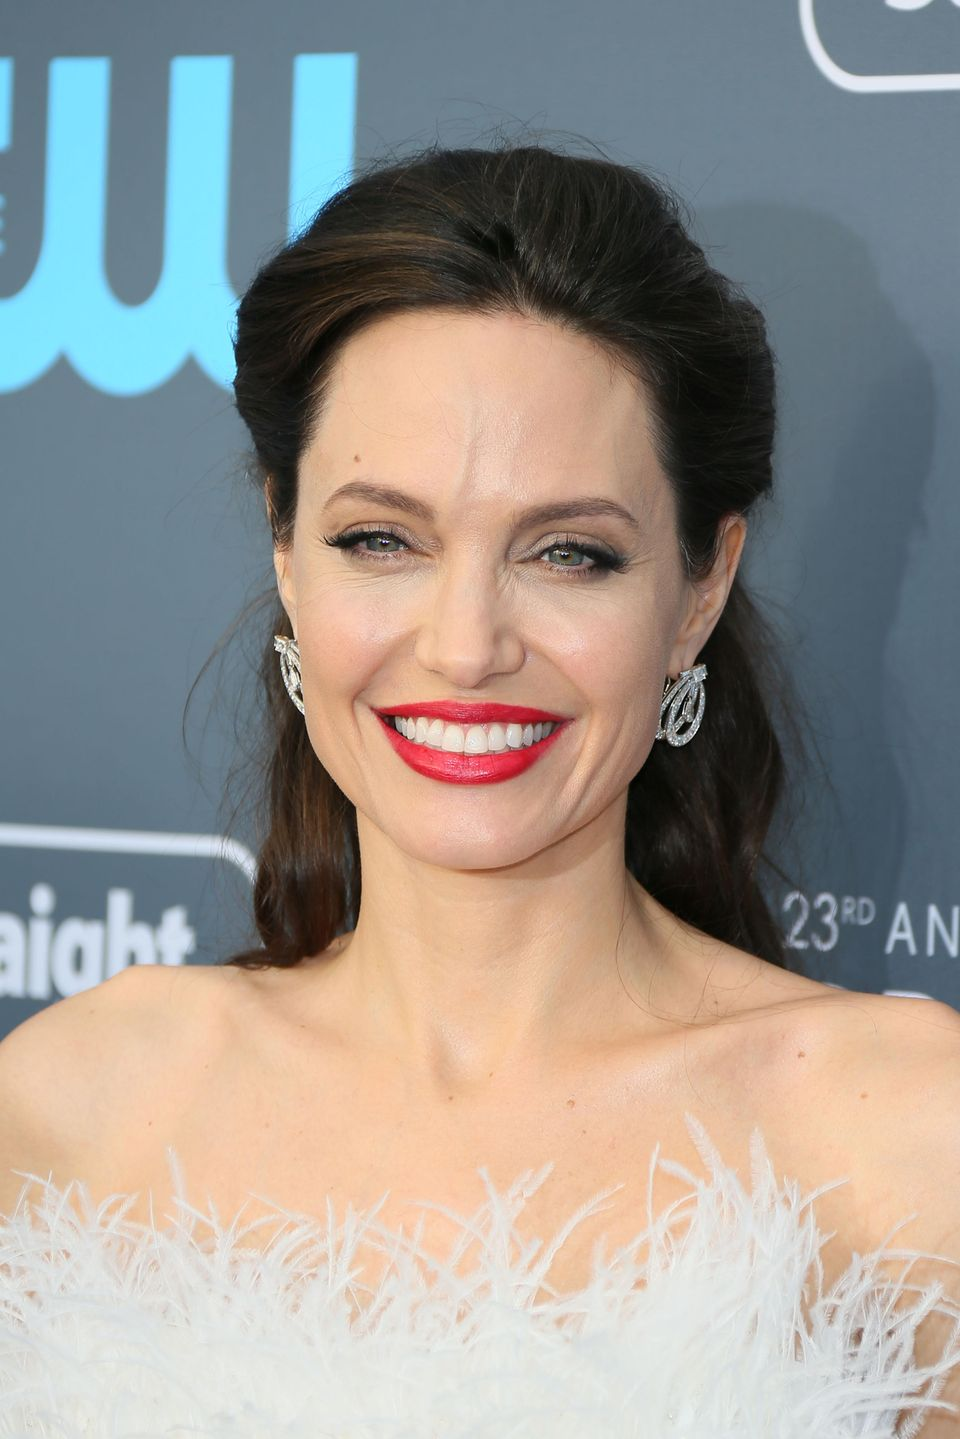 Angelina Jolie ist endlich bereit, sich mit Brad Pitt das Sorge- und Aufenthaltsrecht für die Kinderzu teilen